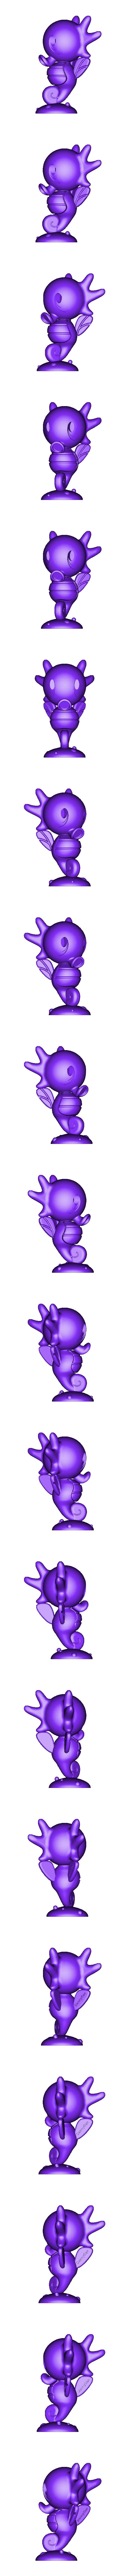 Horsea-by-DannySan.stl Télécharger fichier STL gratuit Horsea Pokemon (Multicolore) • Plan à imprimer en 3D, DanySanchez